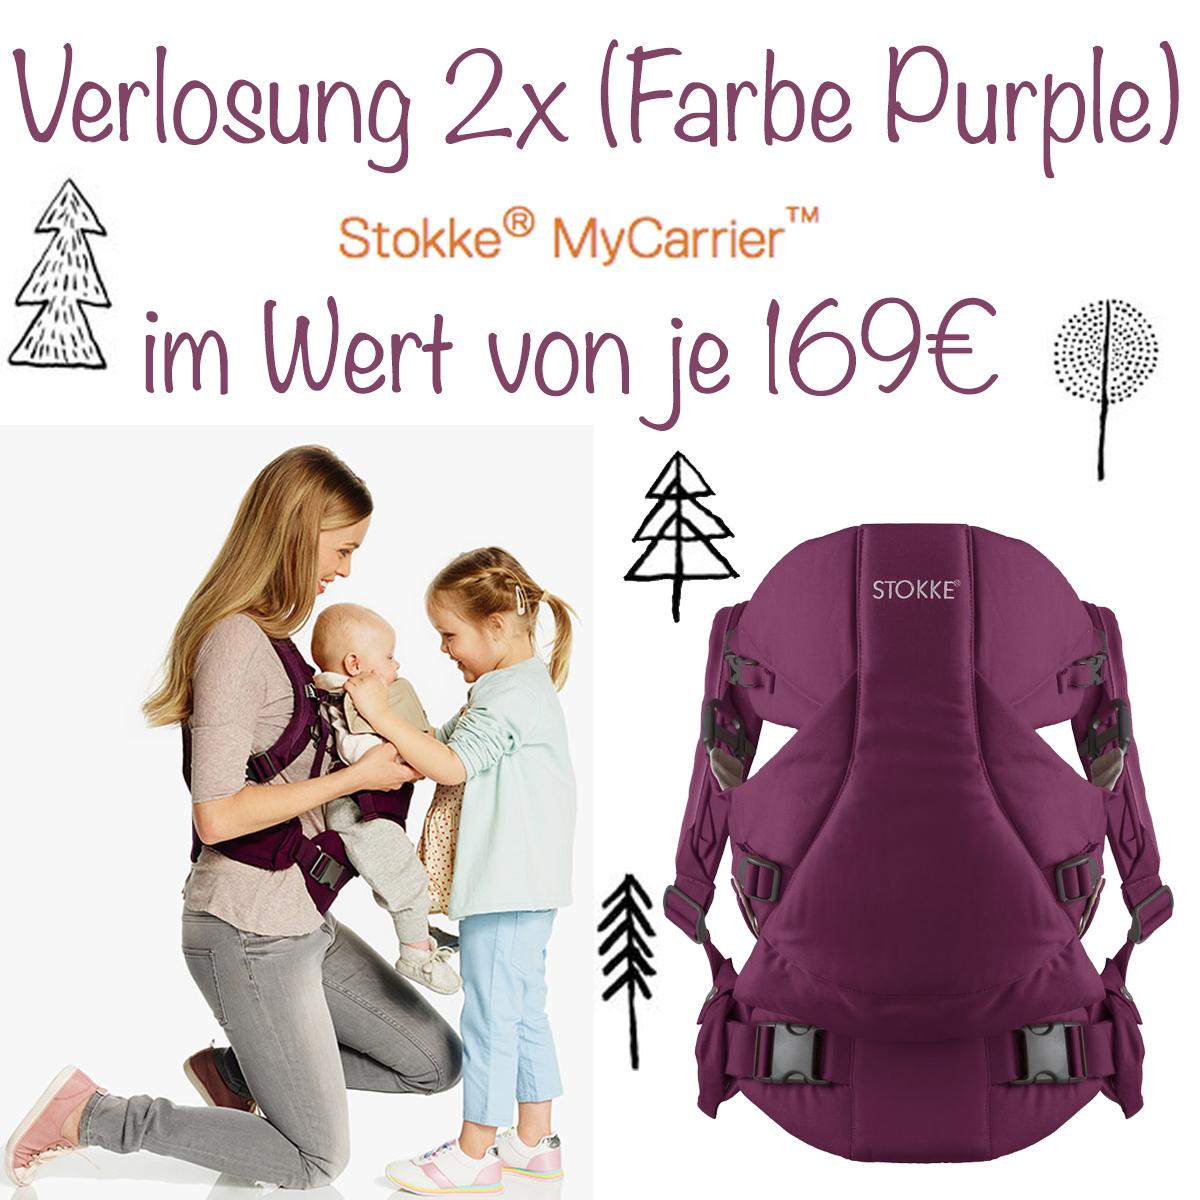 Stokke MyCarrier Verlosung jetzt auf www.pinspiration.de